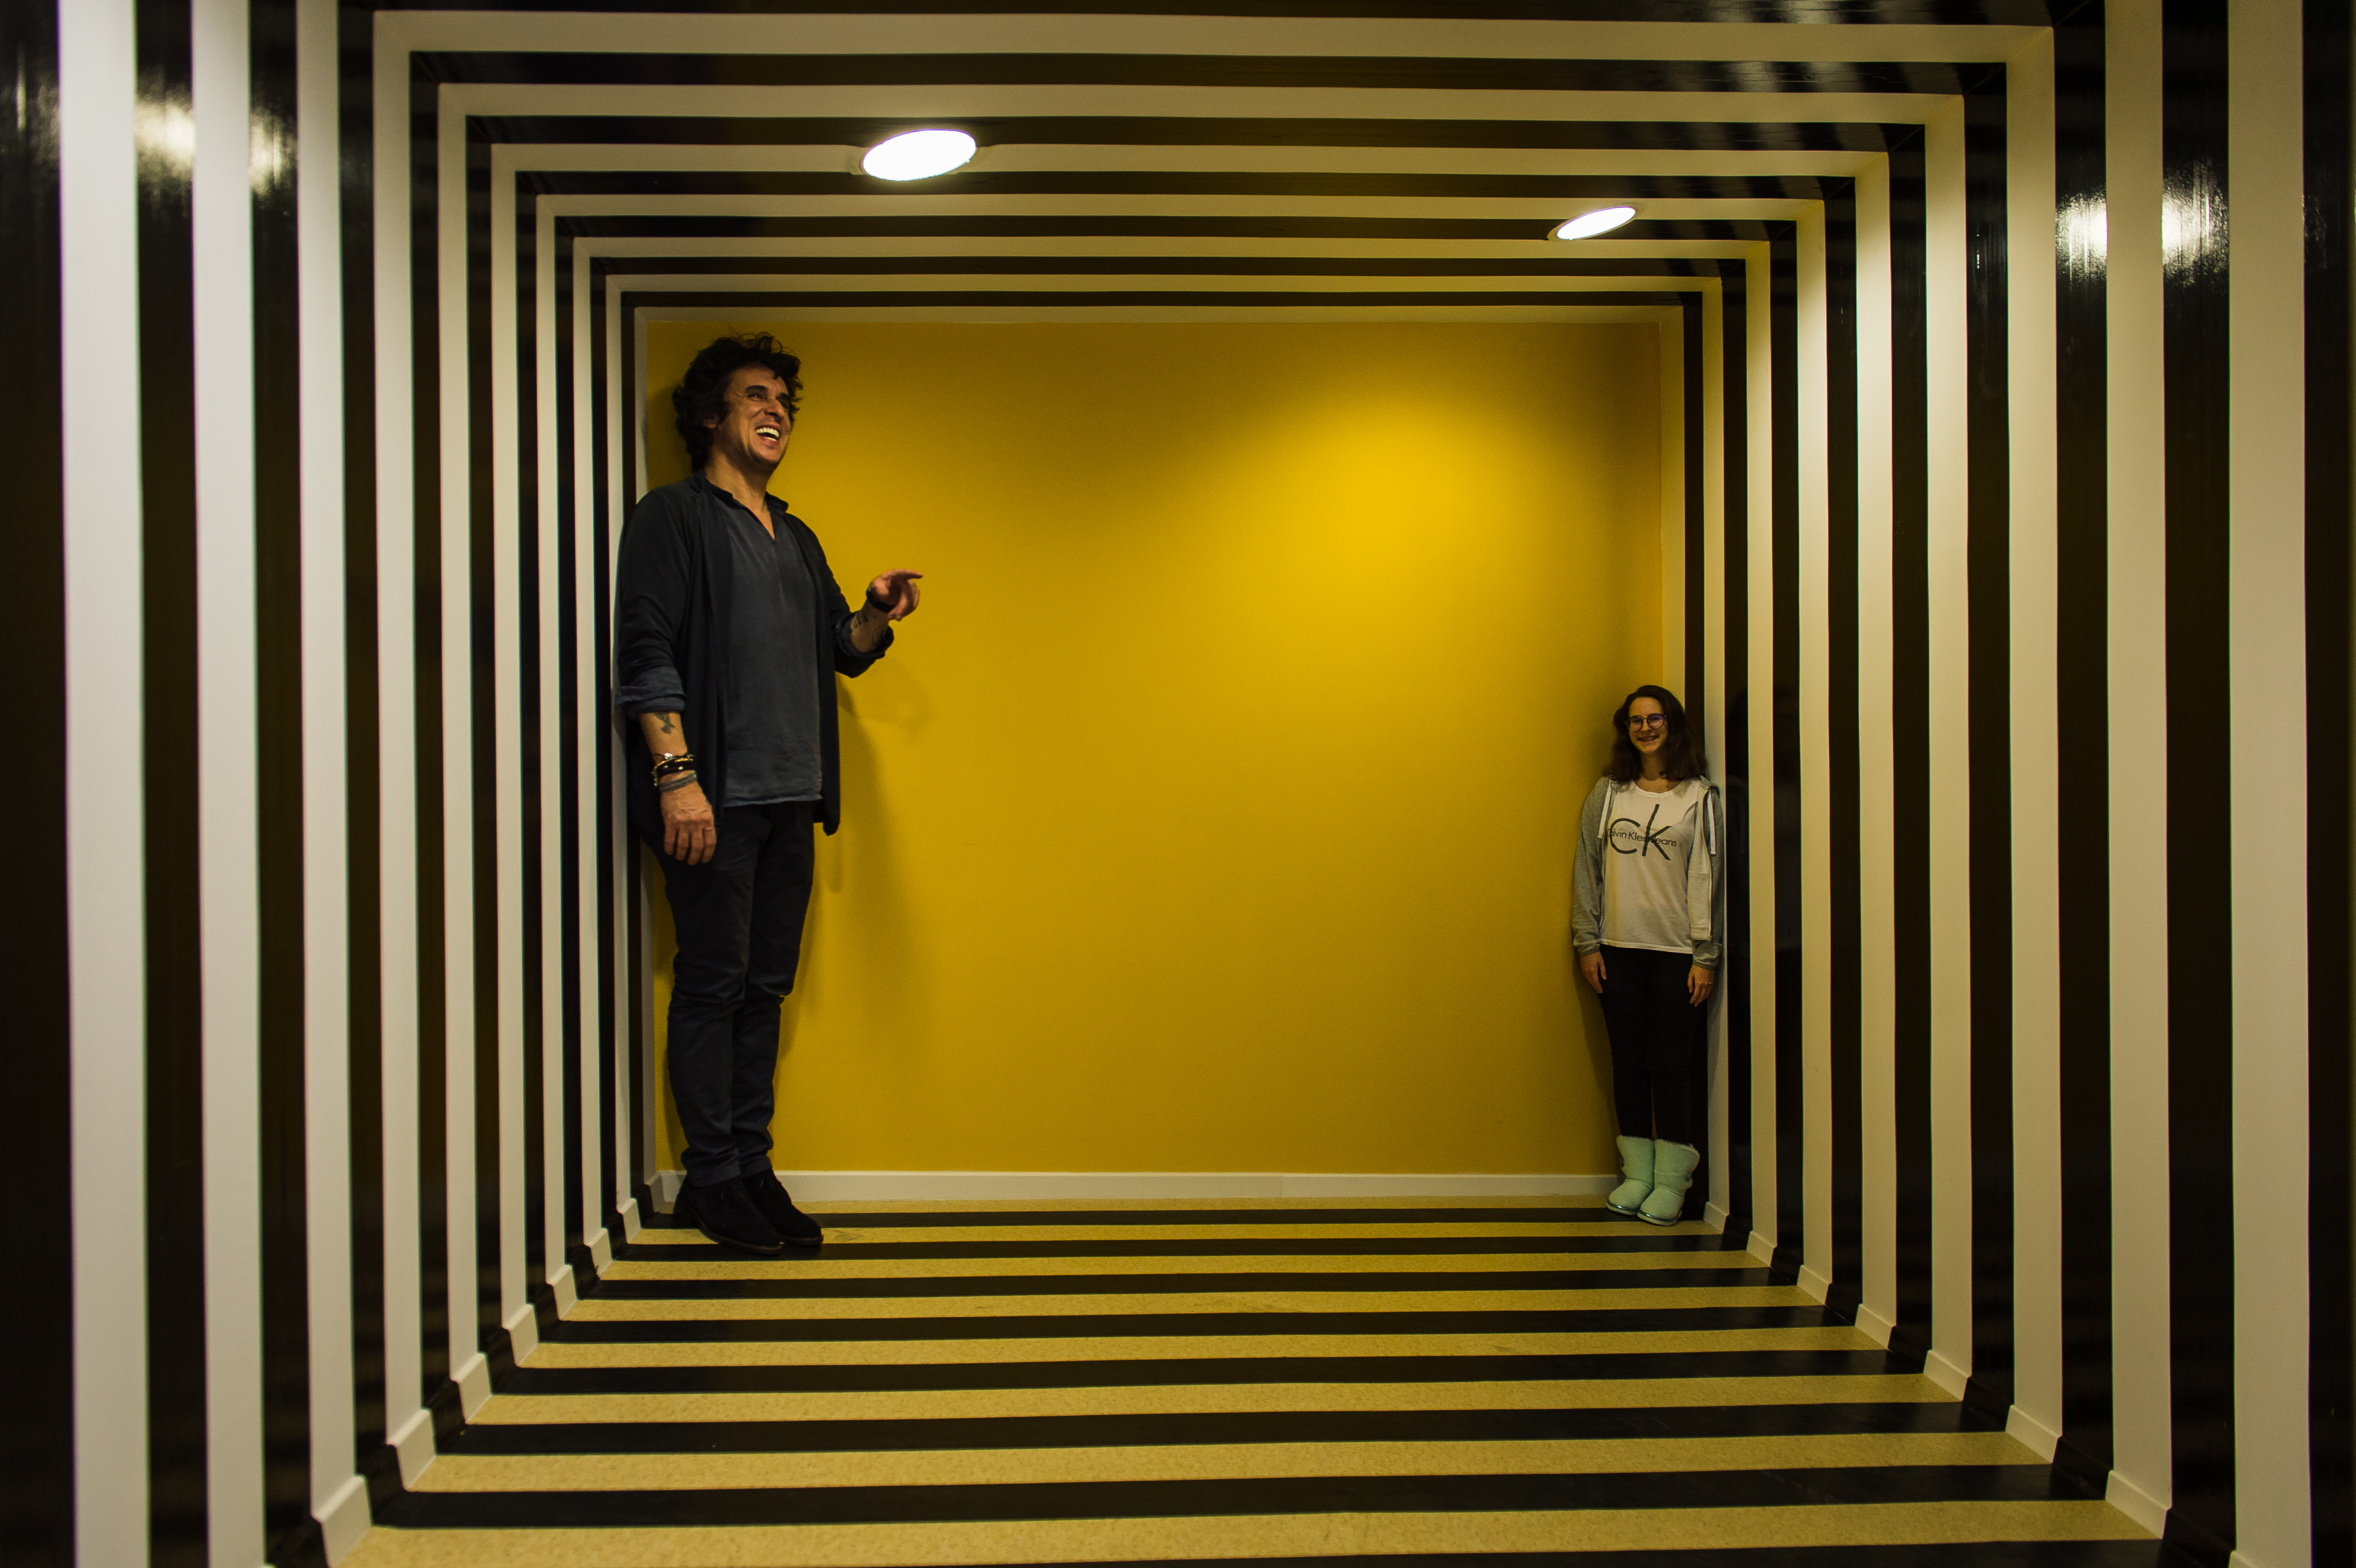 здании фото с эффектом иллюзии этом